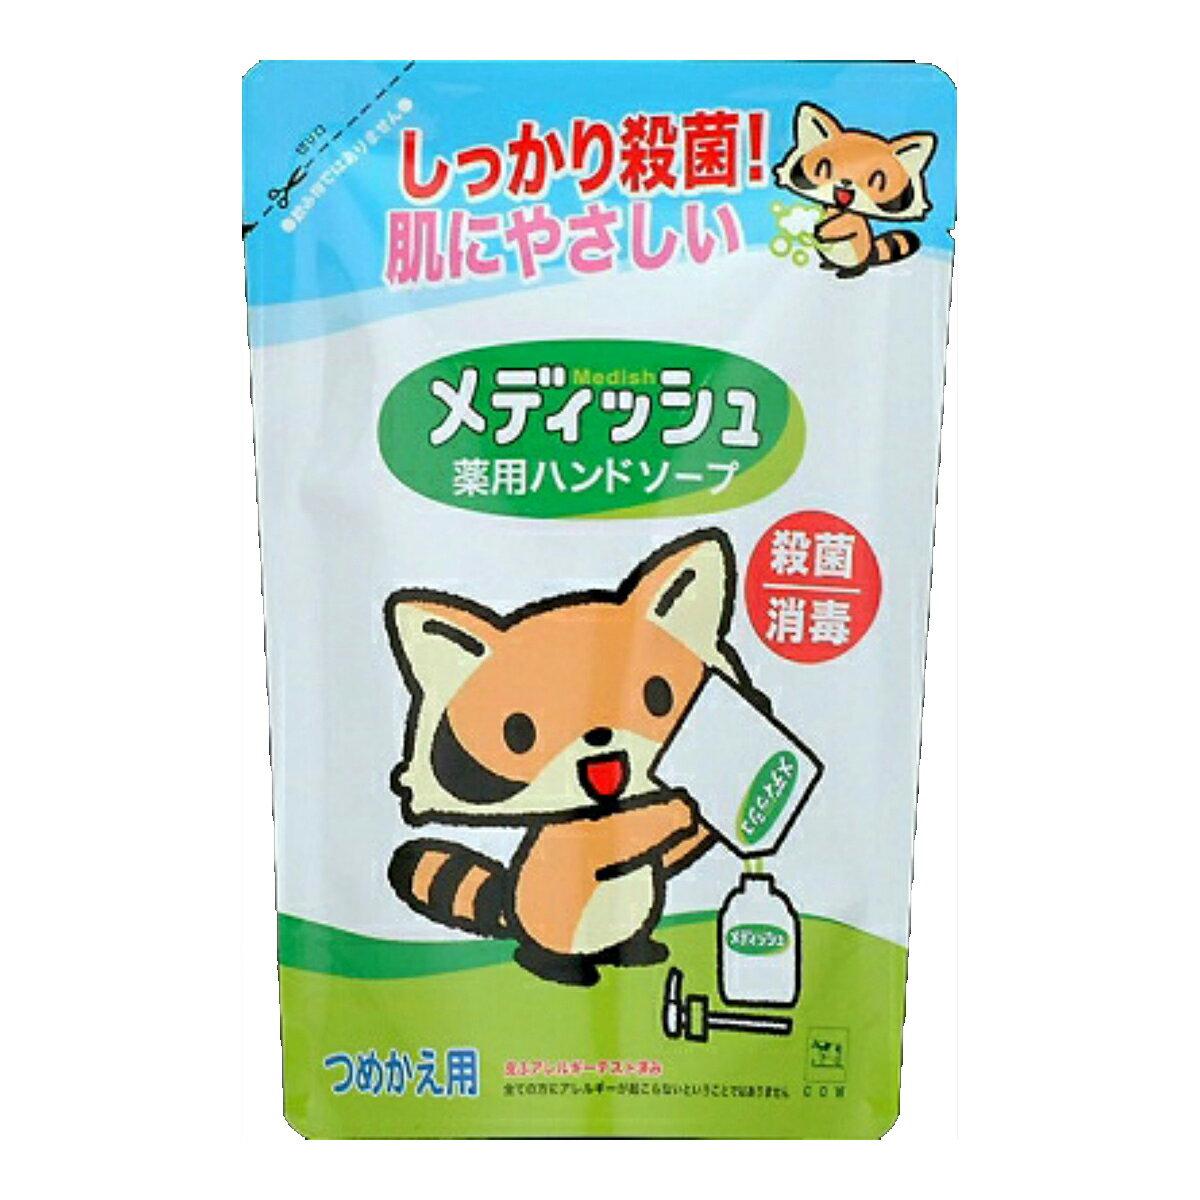 牛乳石鹸共進社 メディッシュ薬用ハンドソープ 詰替220ml ( 4901525955805 )